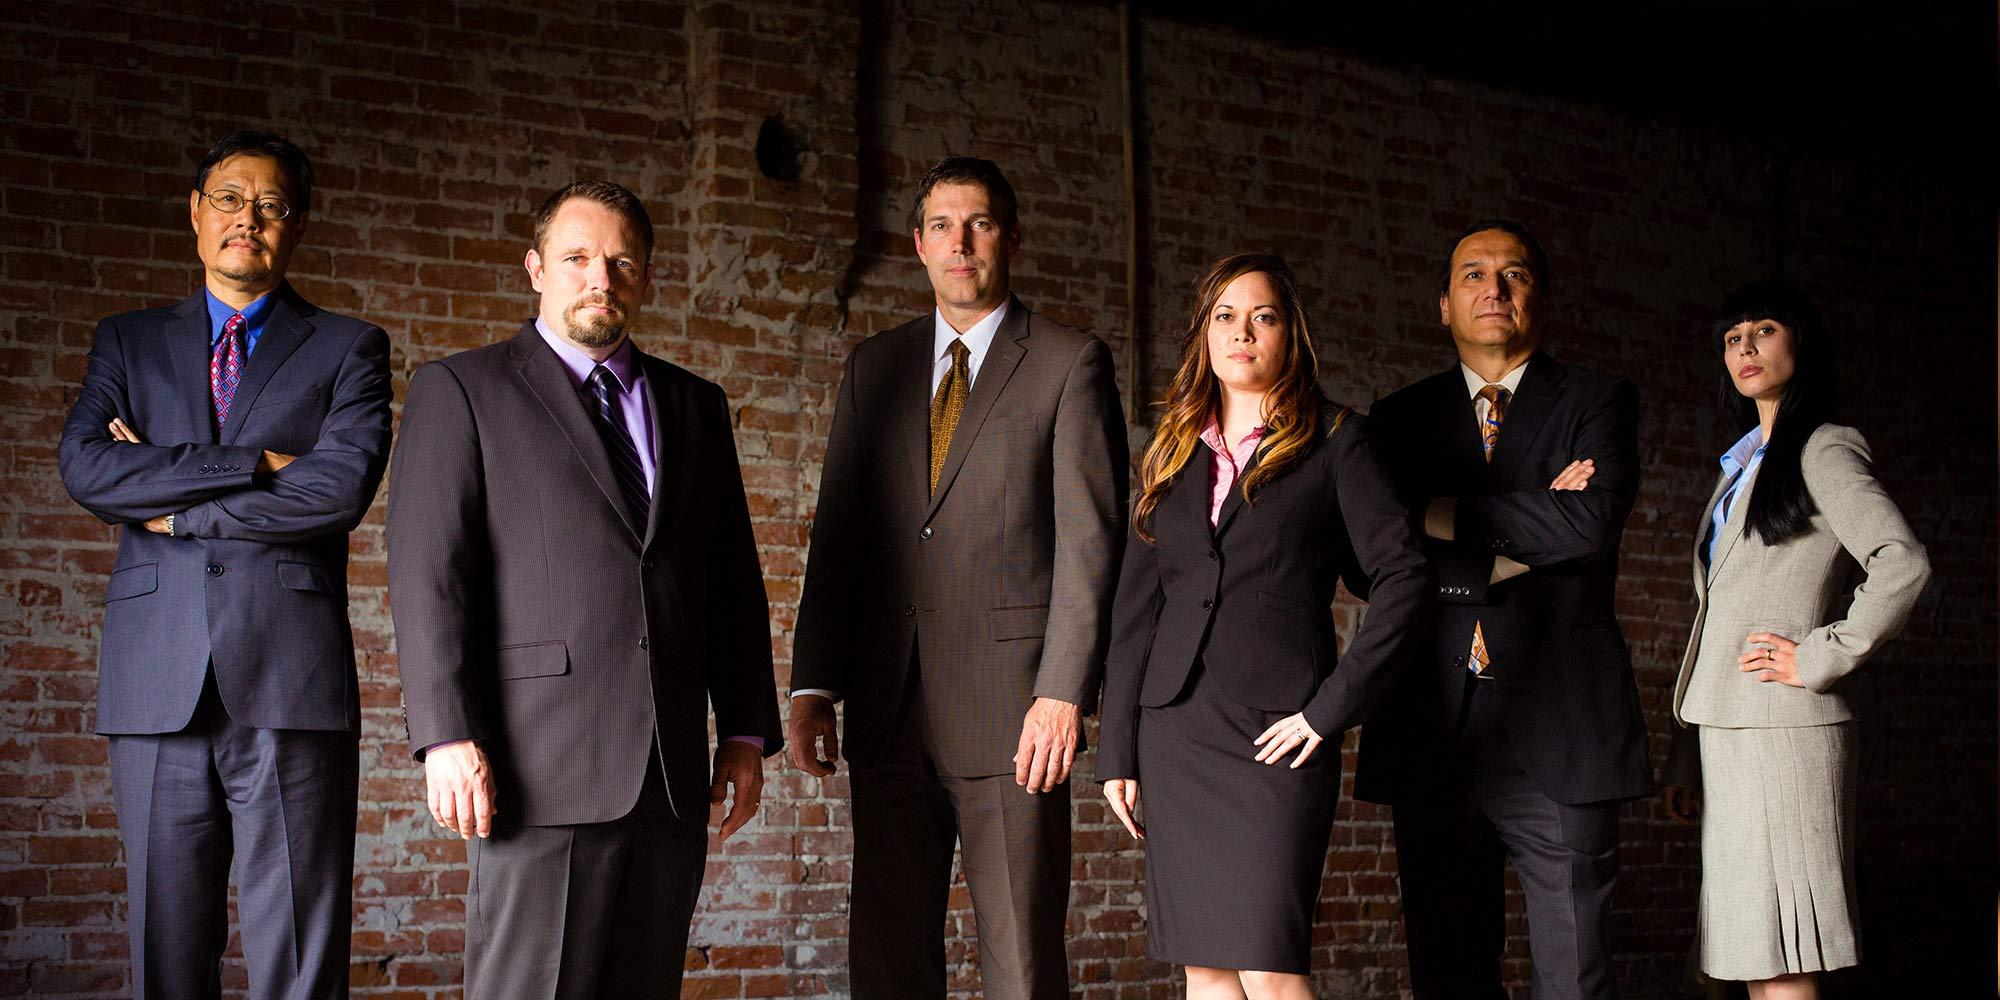 Tamaki Law lawyers